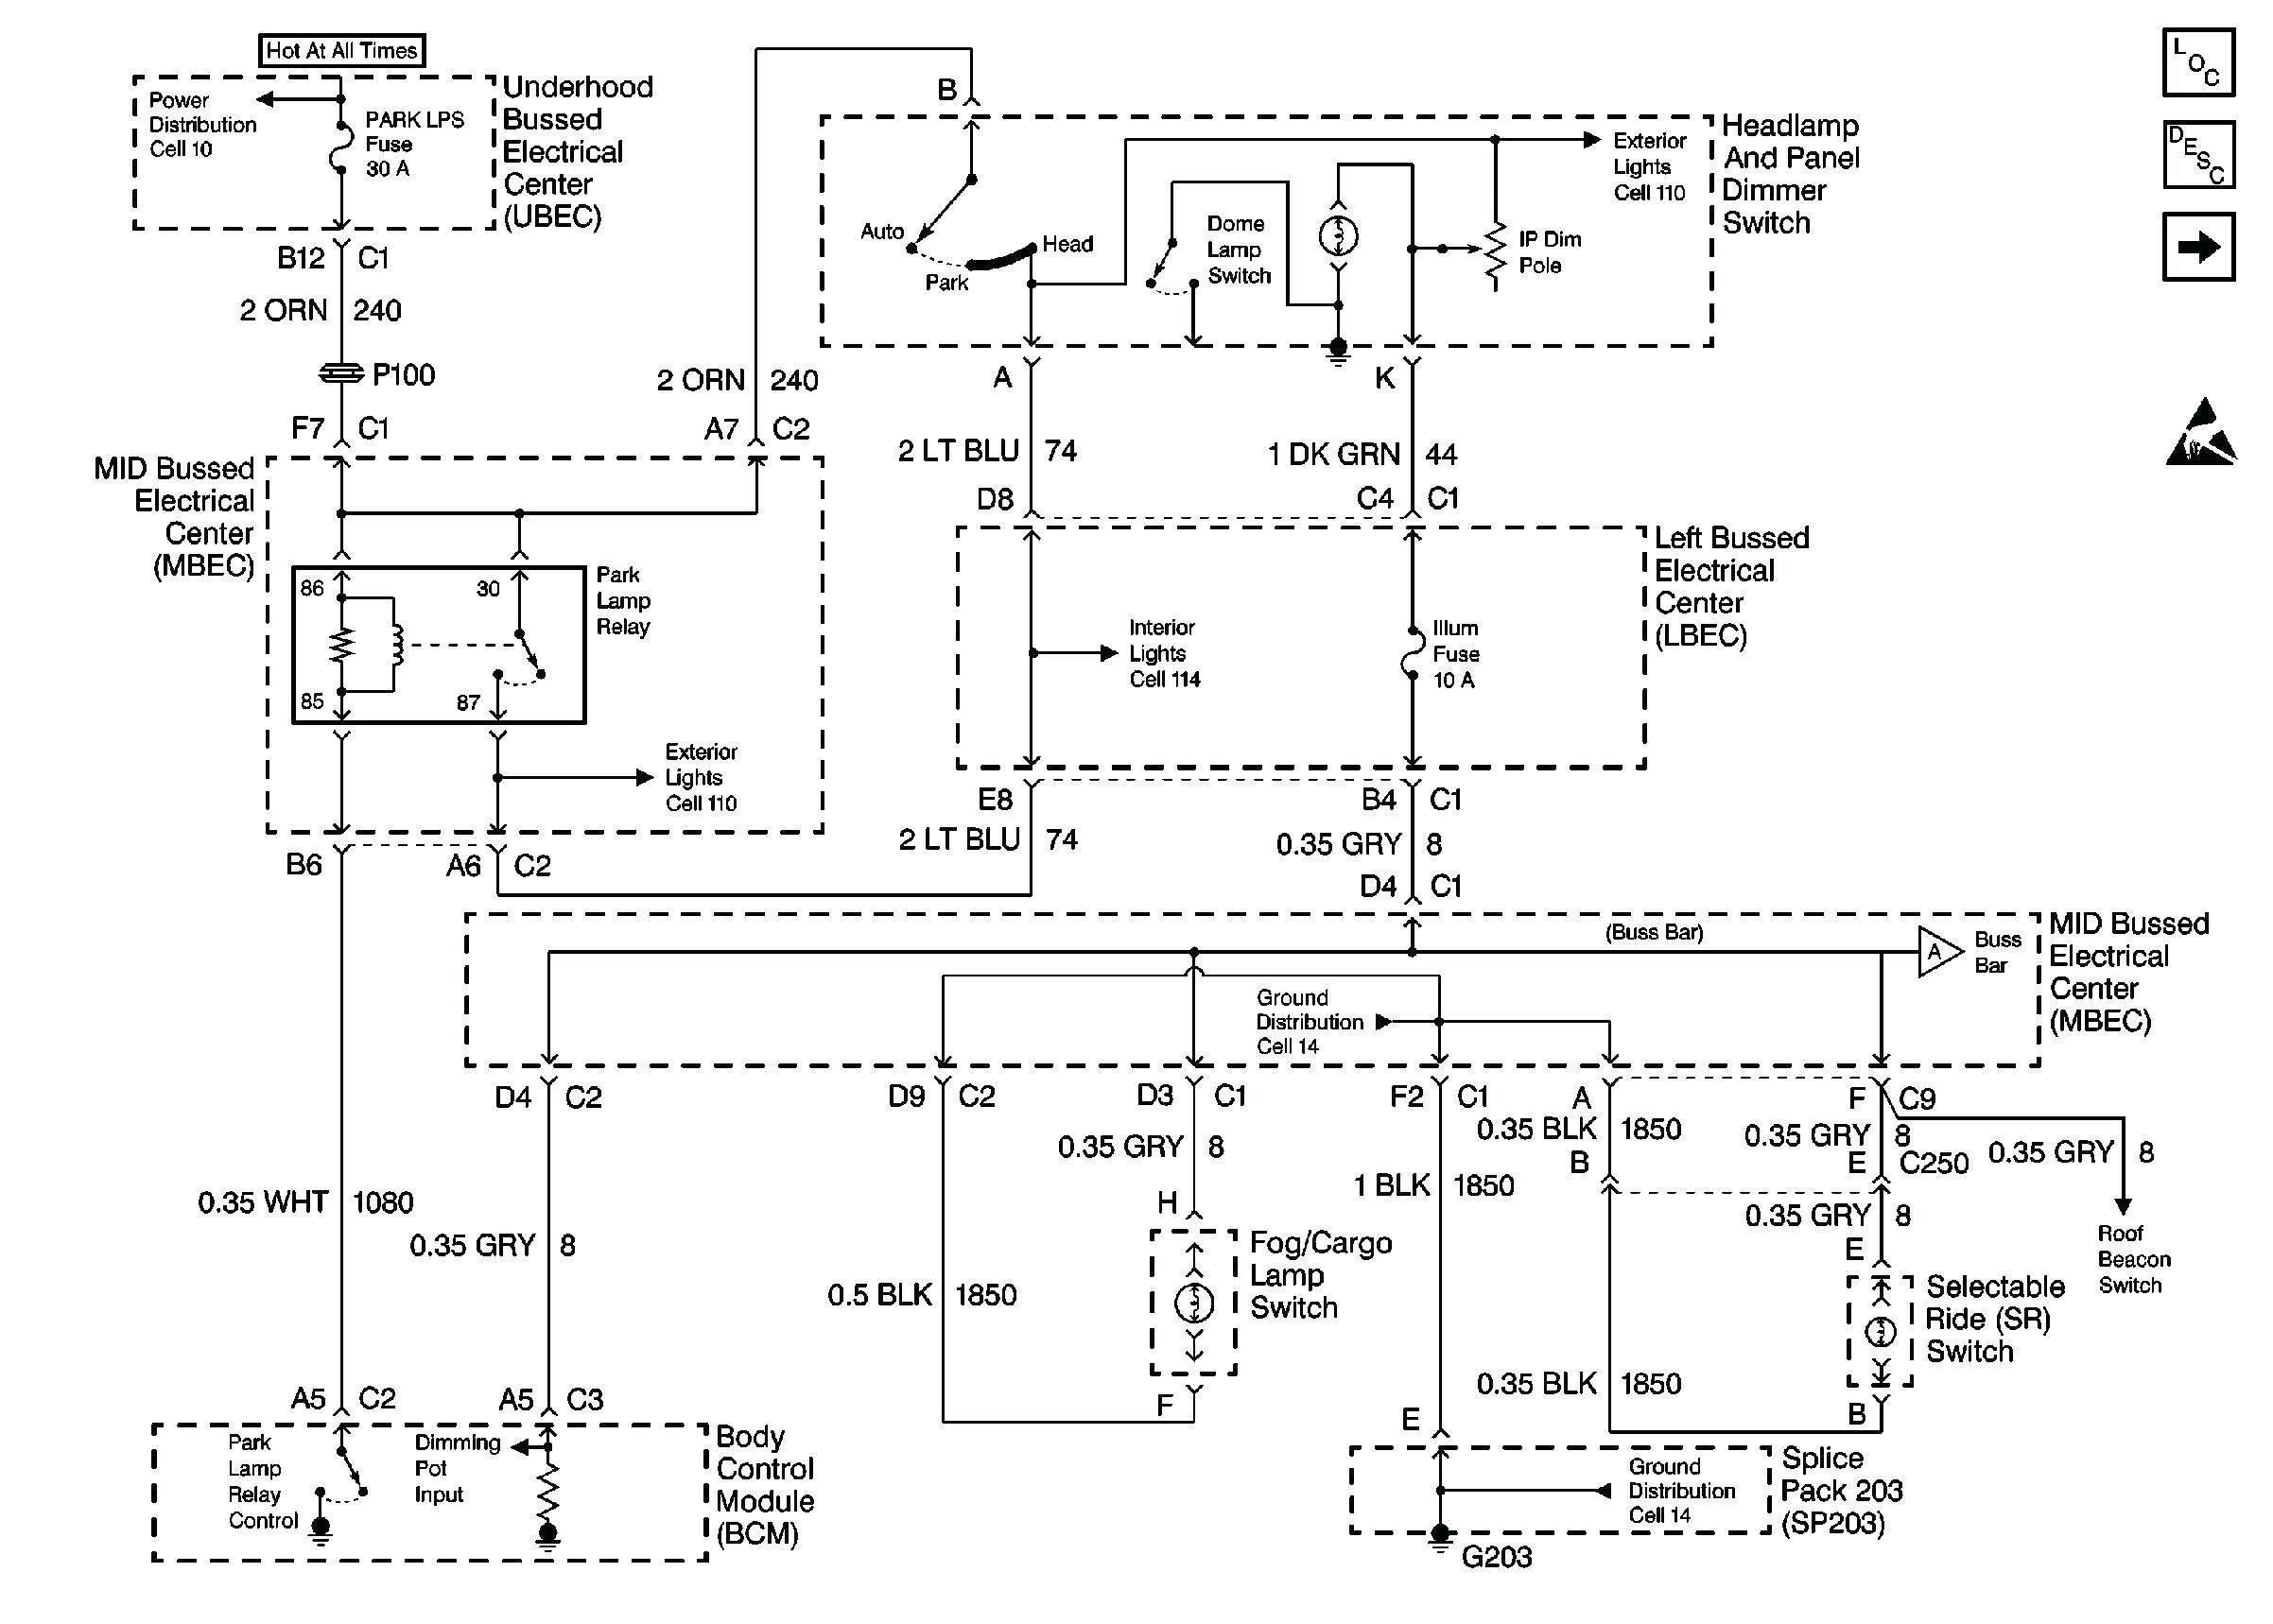 Rv Camper Wiring Diagrams Wiring Diagram Library A Wiring Diagram Is A Type O In 2020 Diagram Trailer Wiring Diagram Chevy Silverado